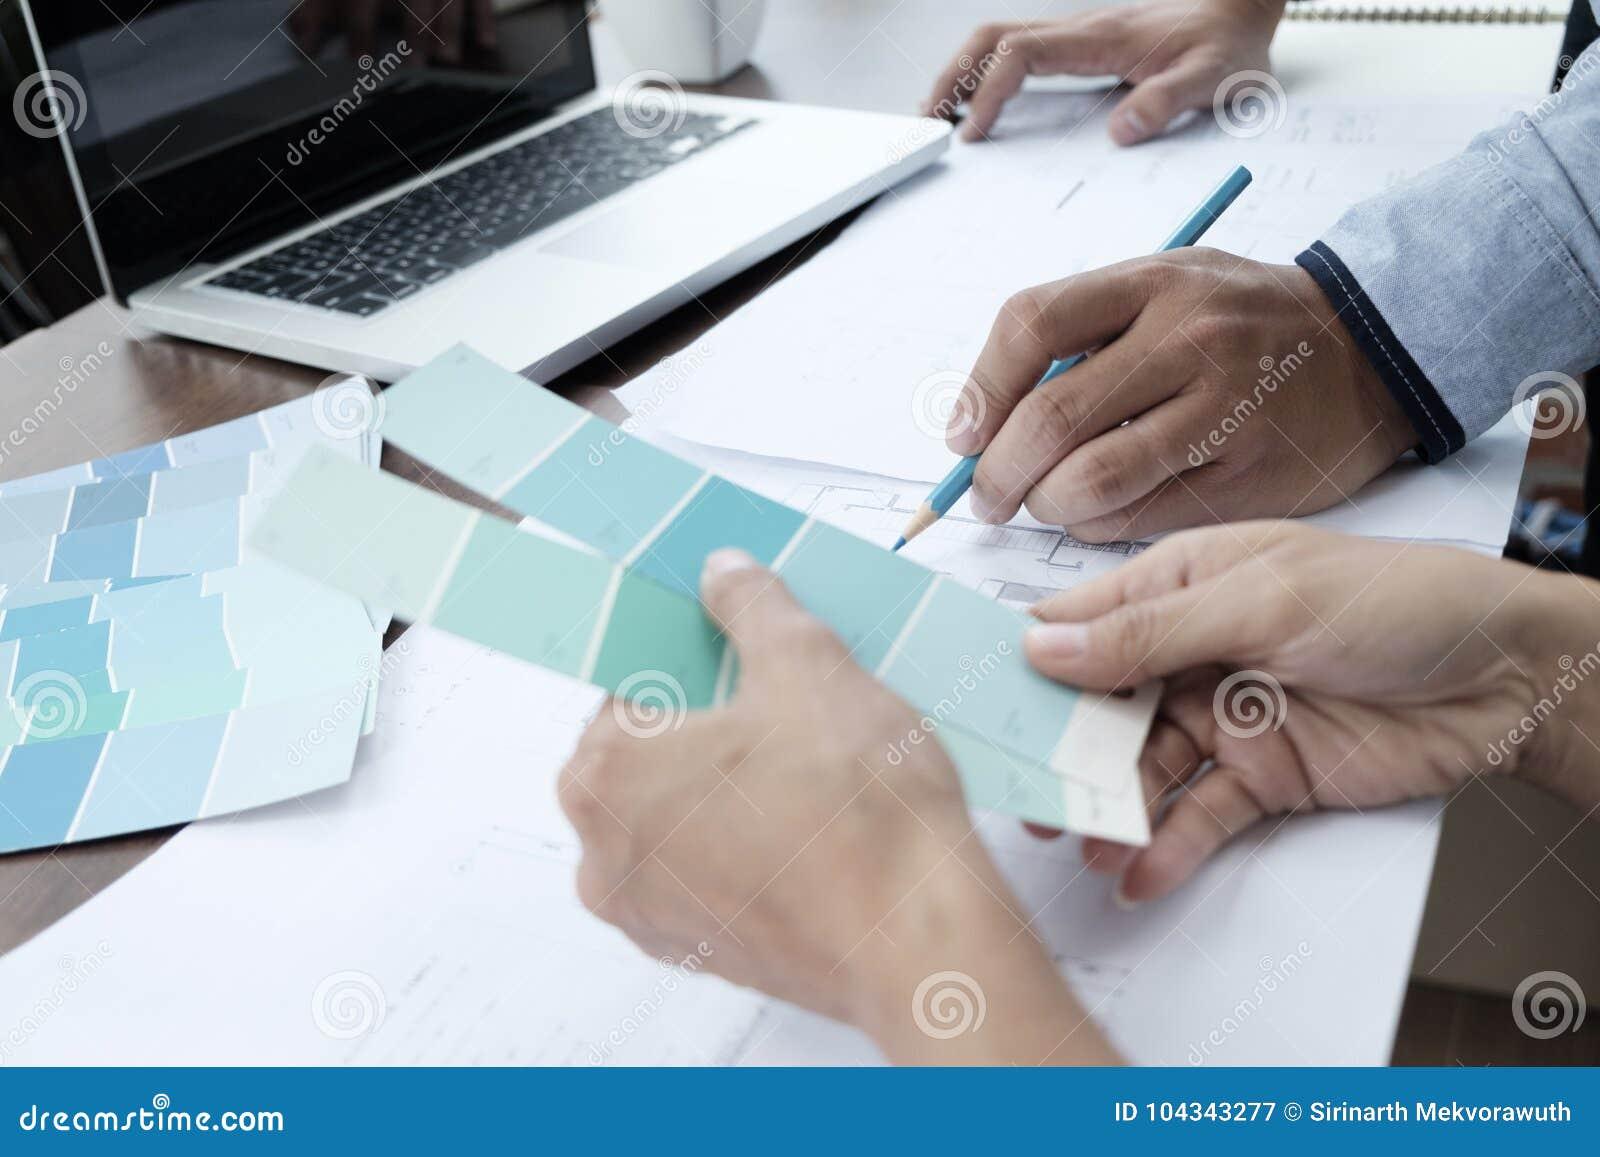 Graphic designer working.